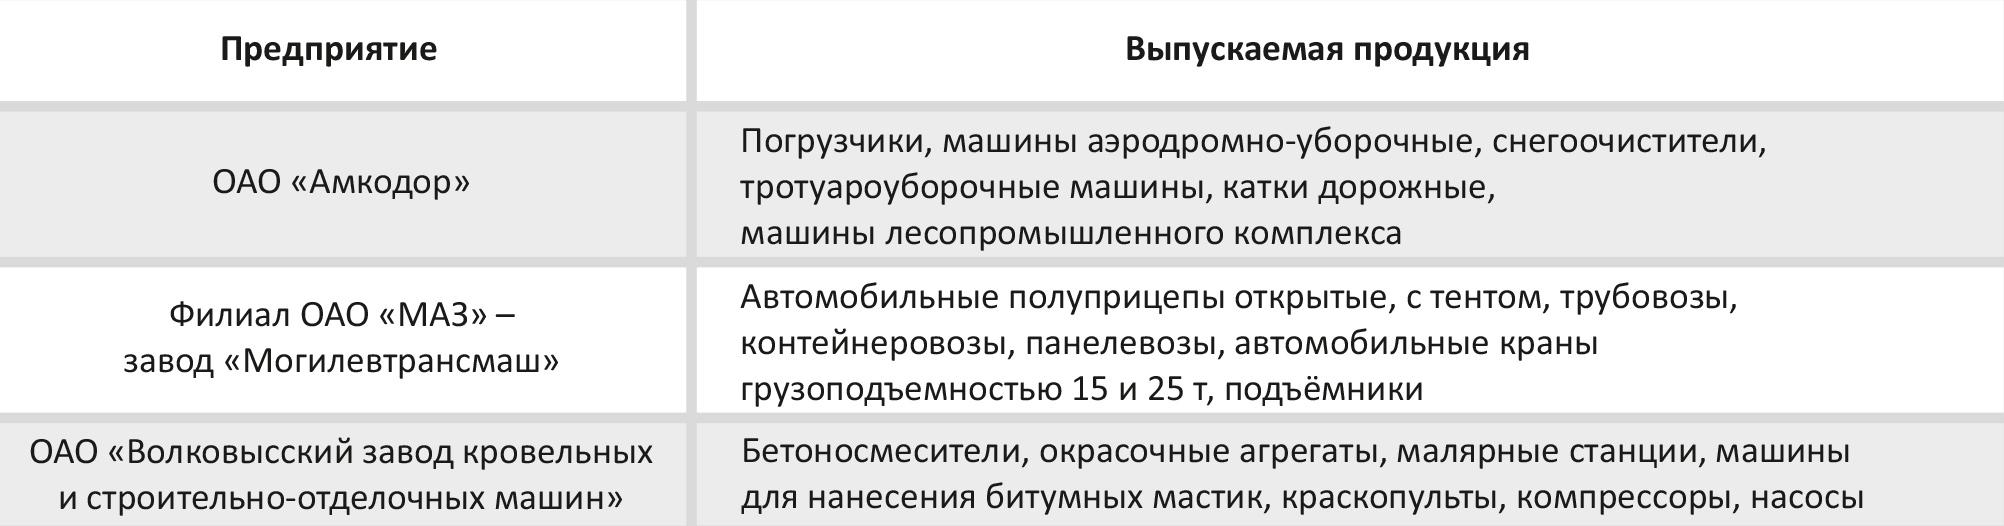 Основные предприятия строительного, дорожного и коммунального машиностроения в Республике Беларусь